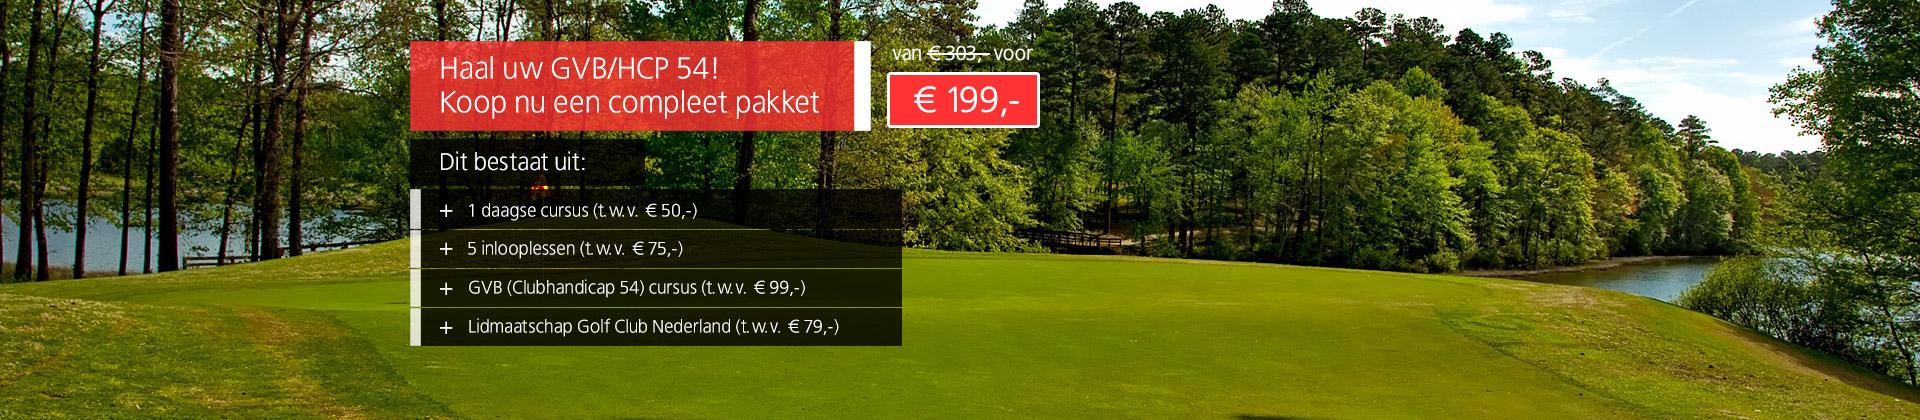 Compleet GVB pakket - Golfschool Waterland - Amsterdam Golfbaan Spaarnwoude